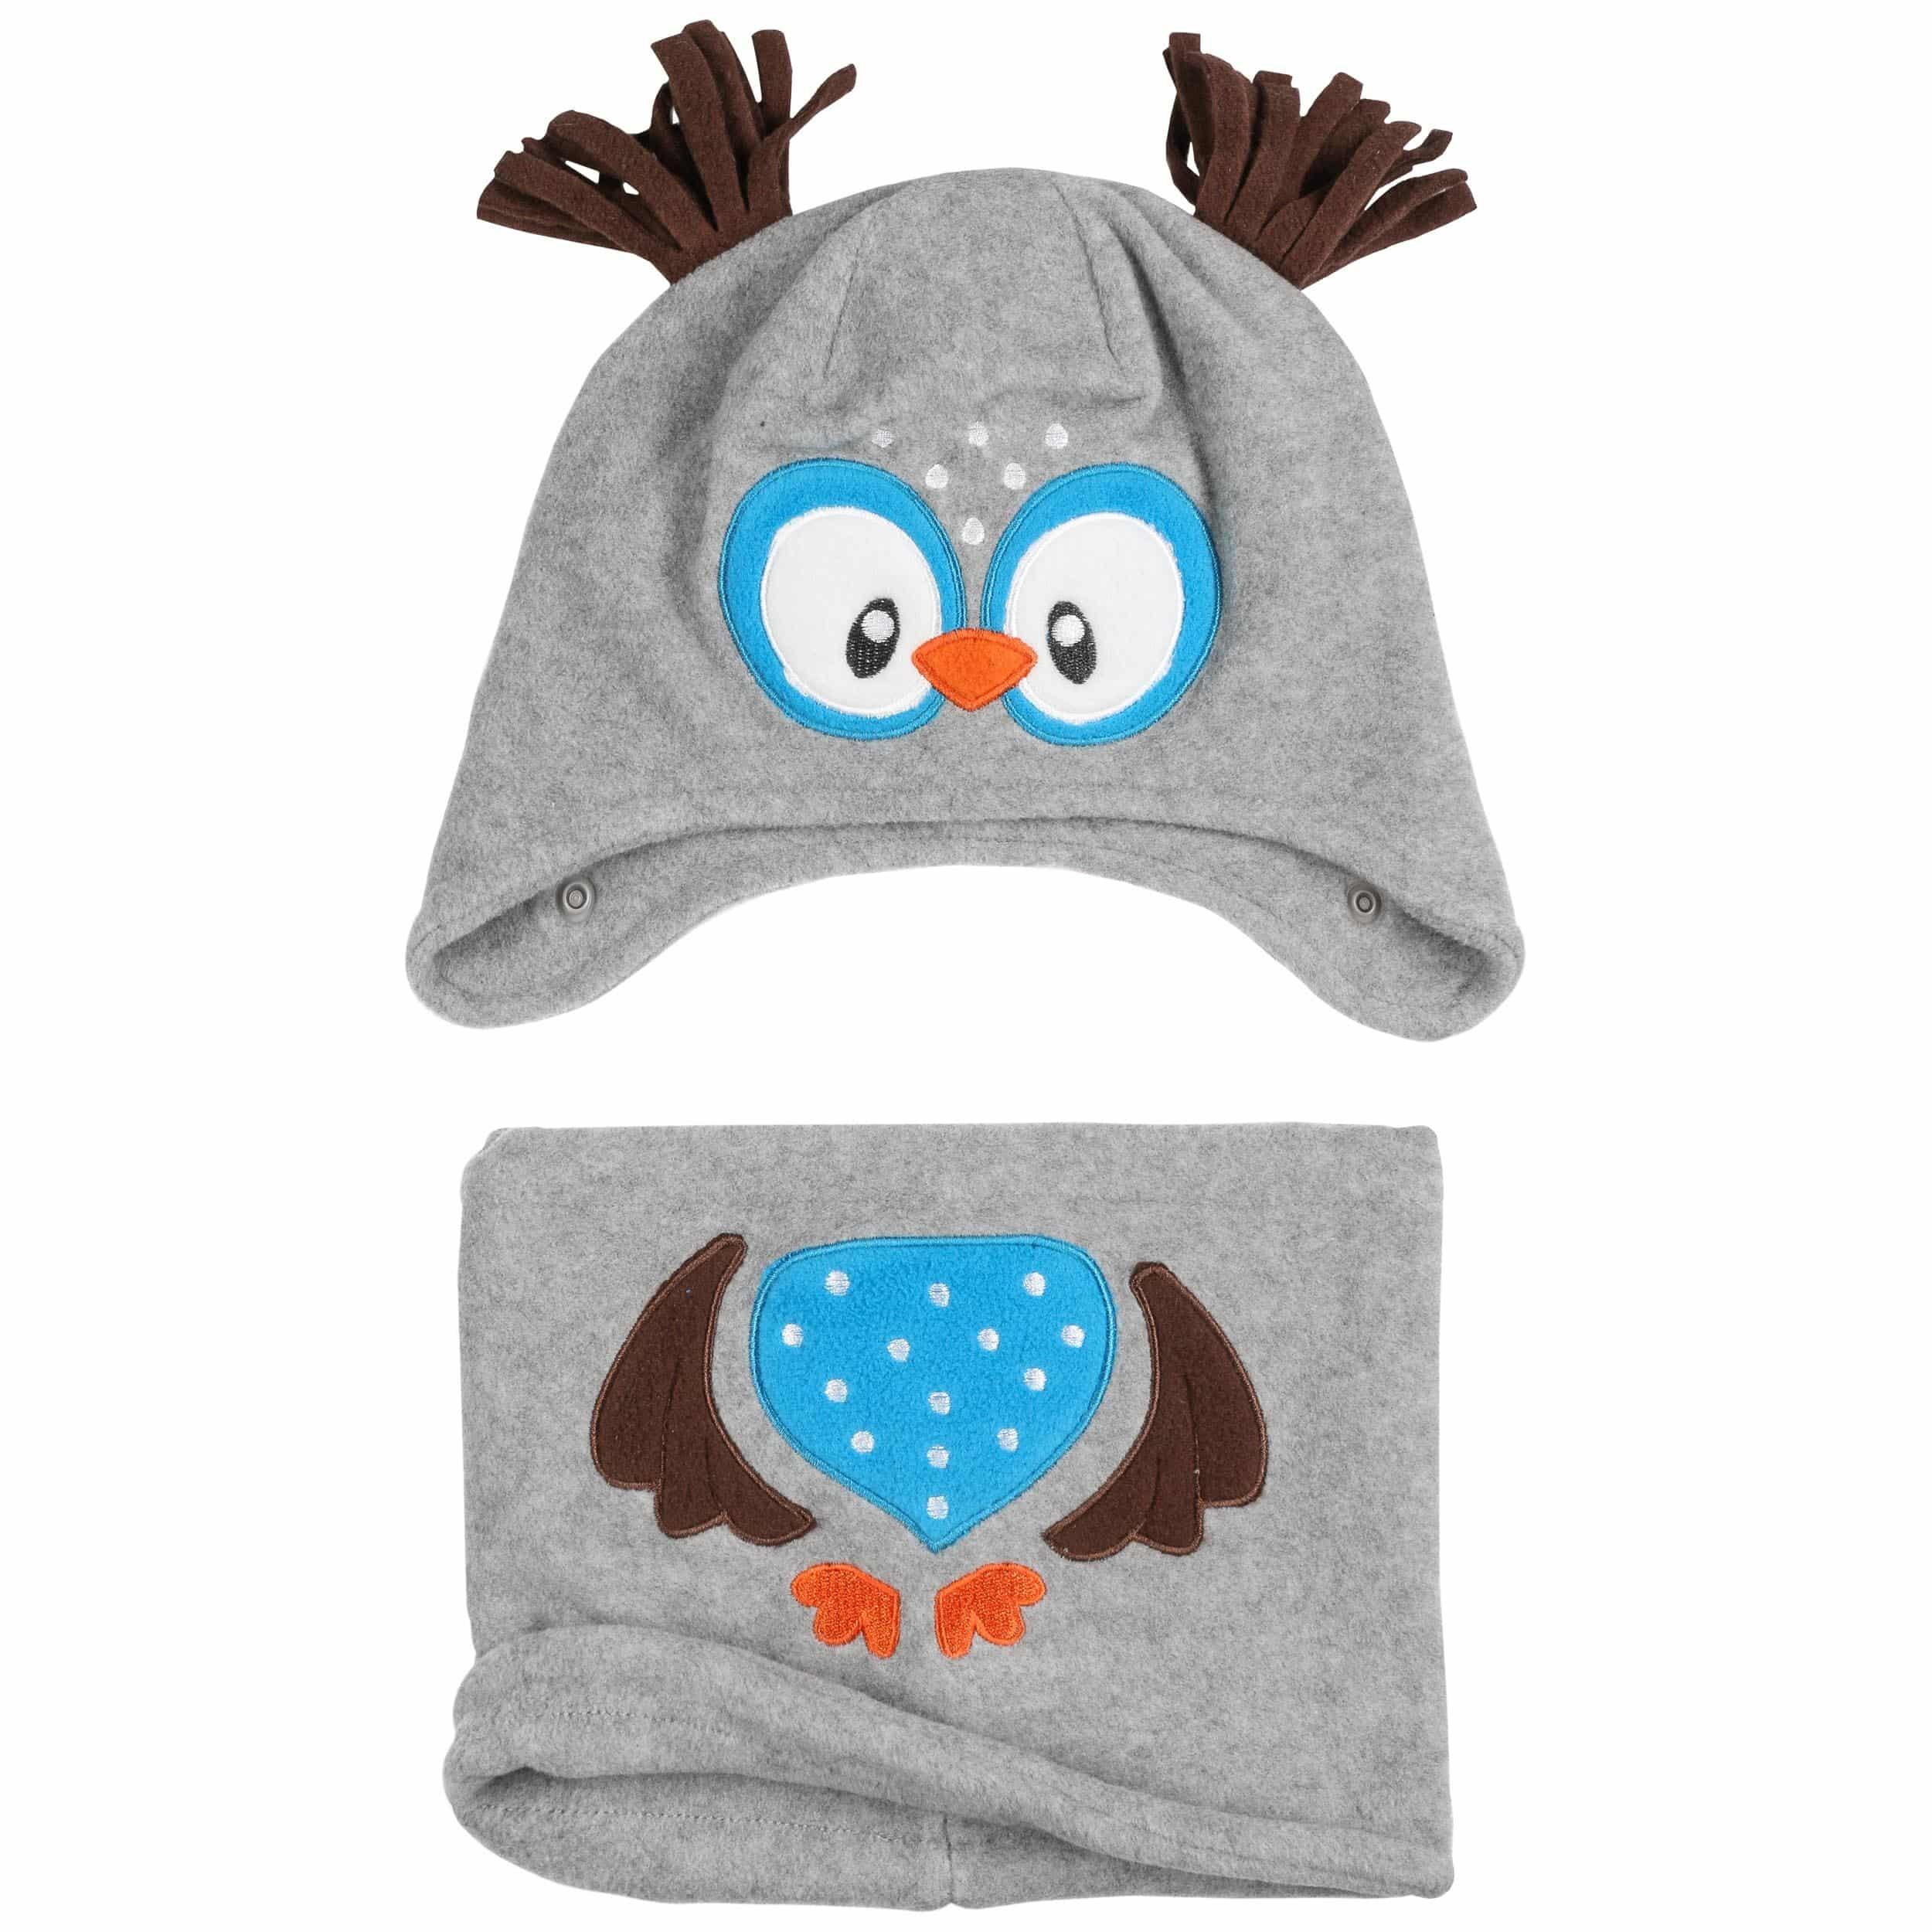 98e36dfe0606 Bonnet + Écharpe en Polaire pour Enfant Birdy, EUR 24,95 ...